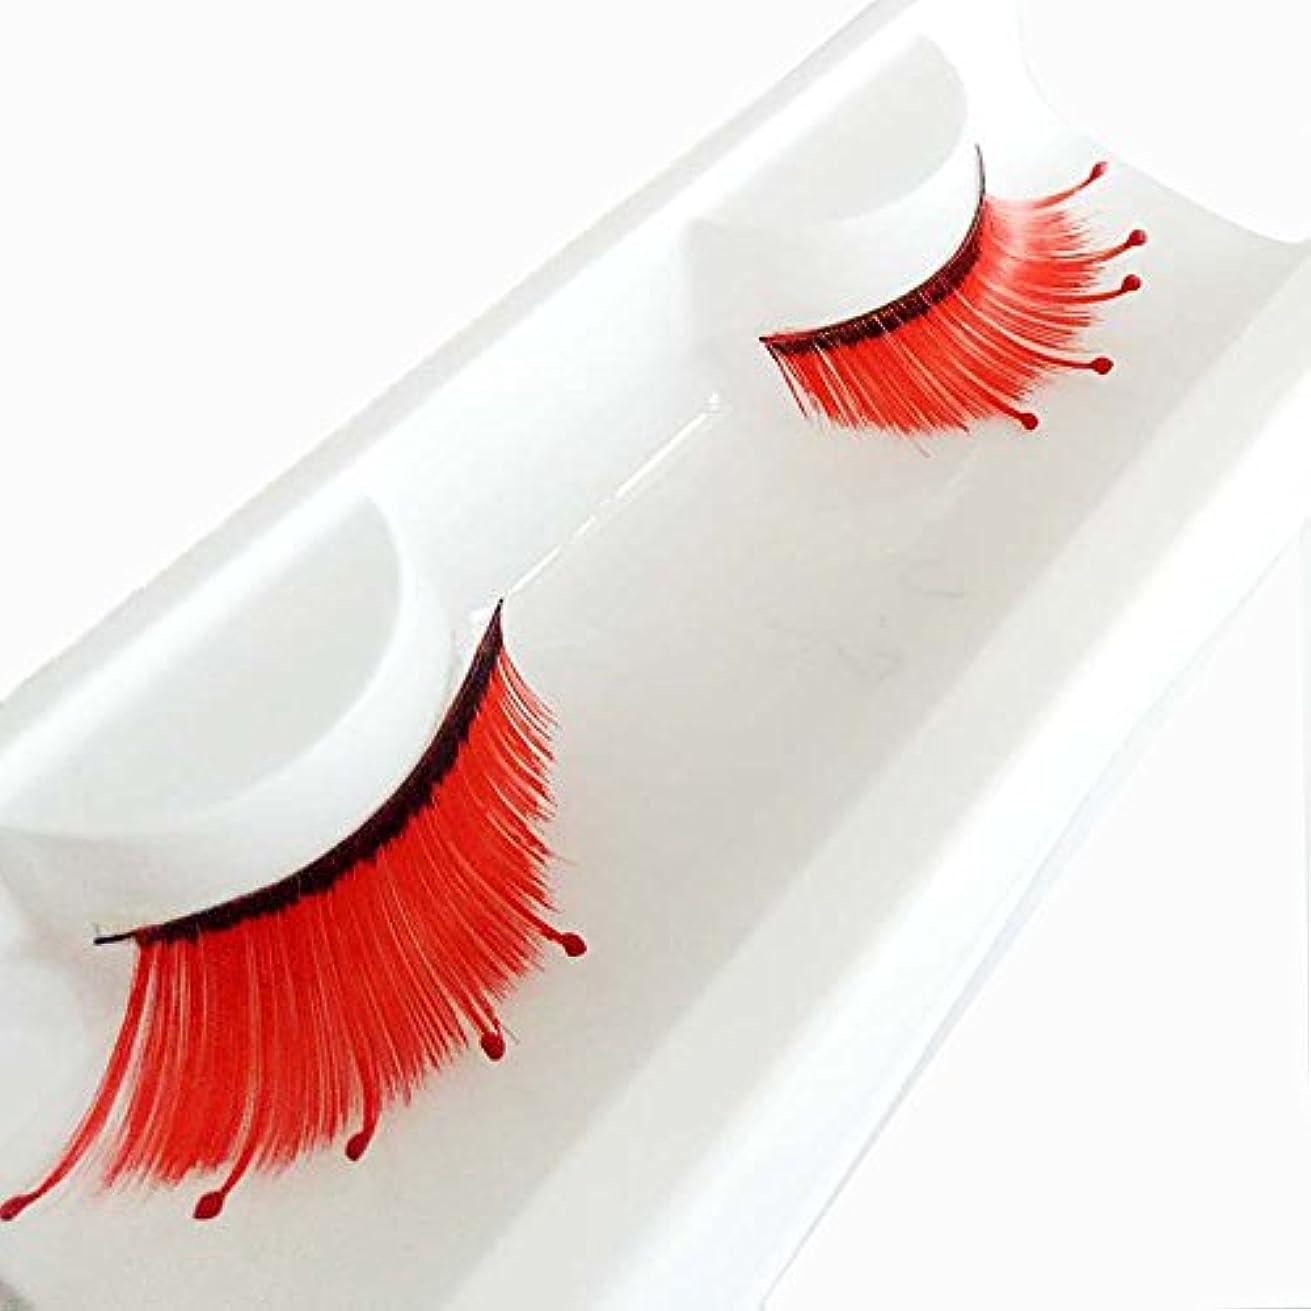 つけまつ毛 人気 Kohore つけまつげ ナチュラル 人気 極薄高級繊維 付けまつげ 舞台 つけまつ毛 長い 濃密 赤 ハロウィン コスプレ 1ペア おすすめ 3D 高級ミンクつけまつげ 上まつげ用 パーティー アイラッシュ